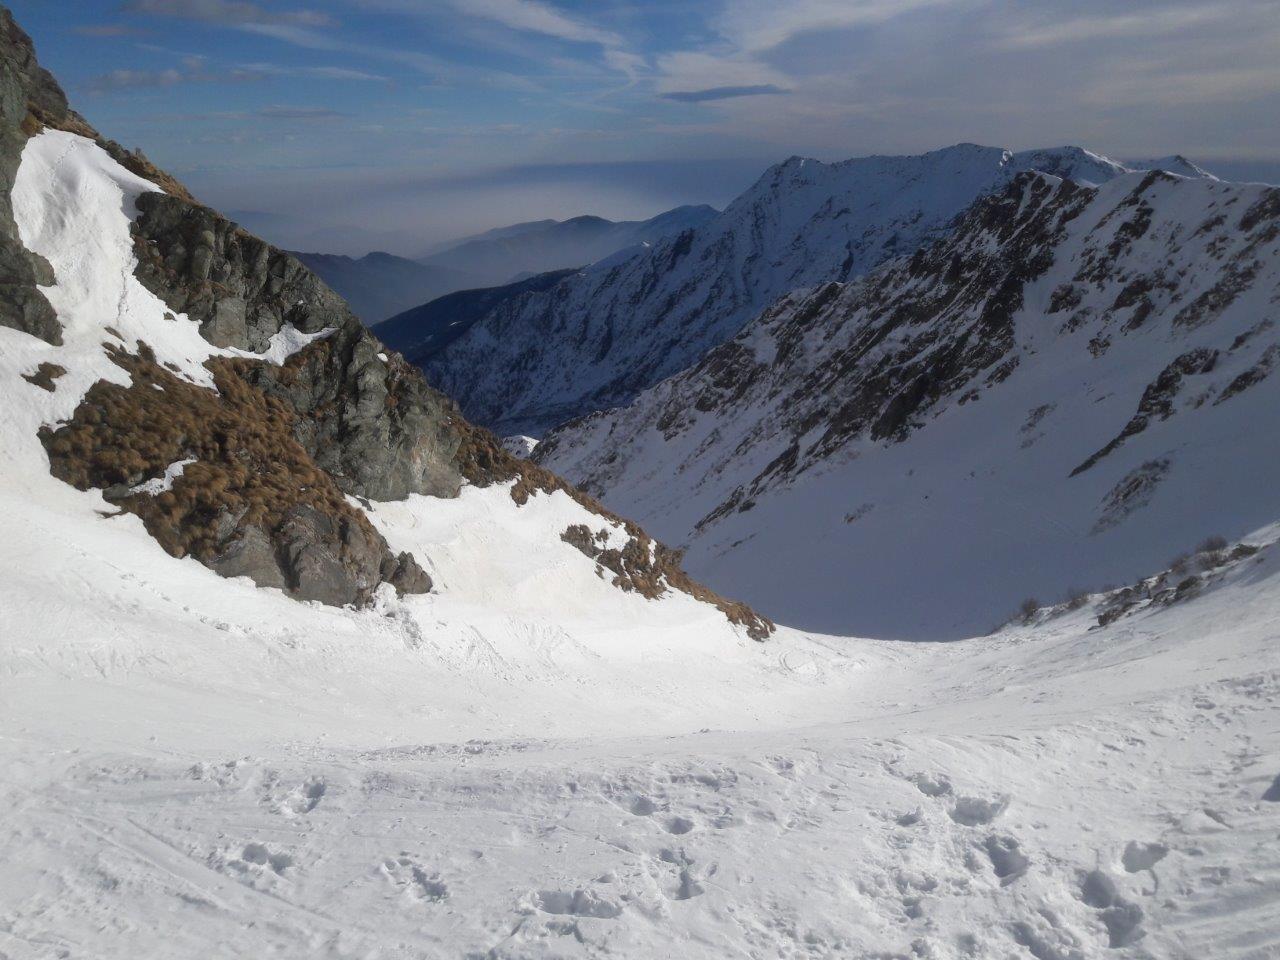 vista dal colletto sulla cresta; a 5 minuti dalla vetta